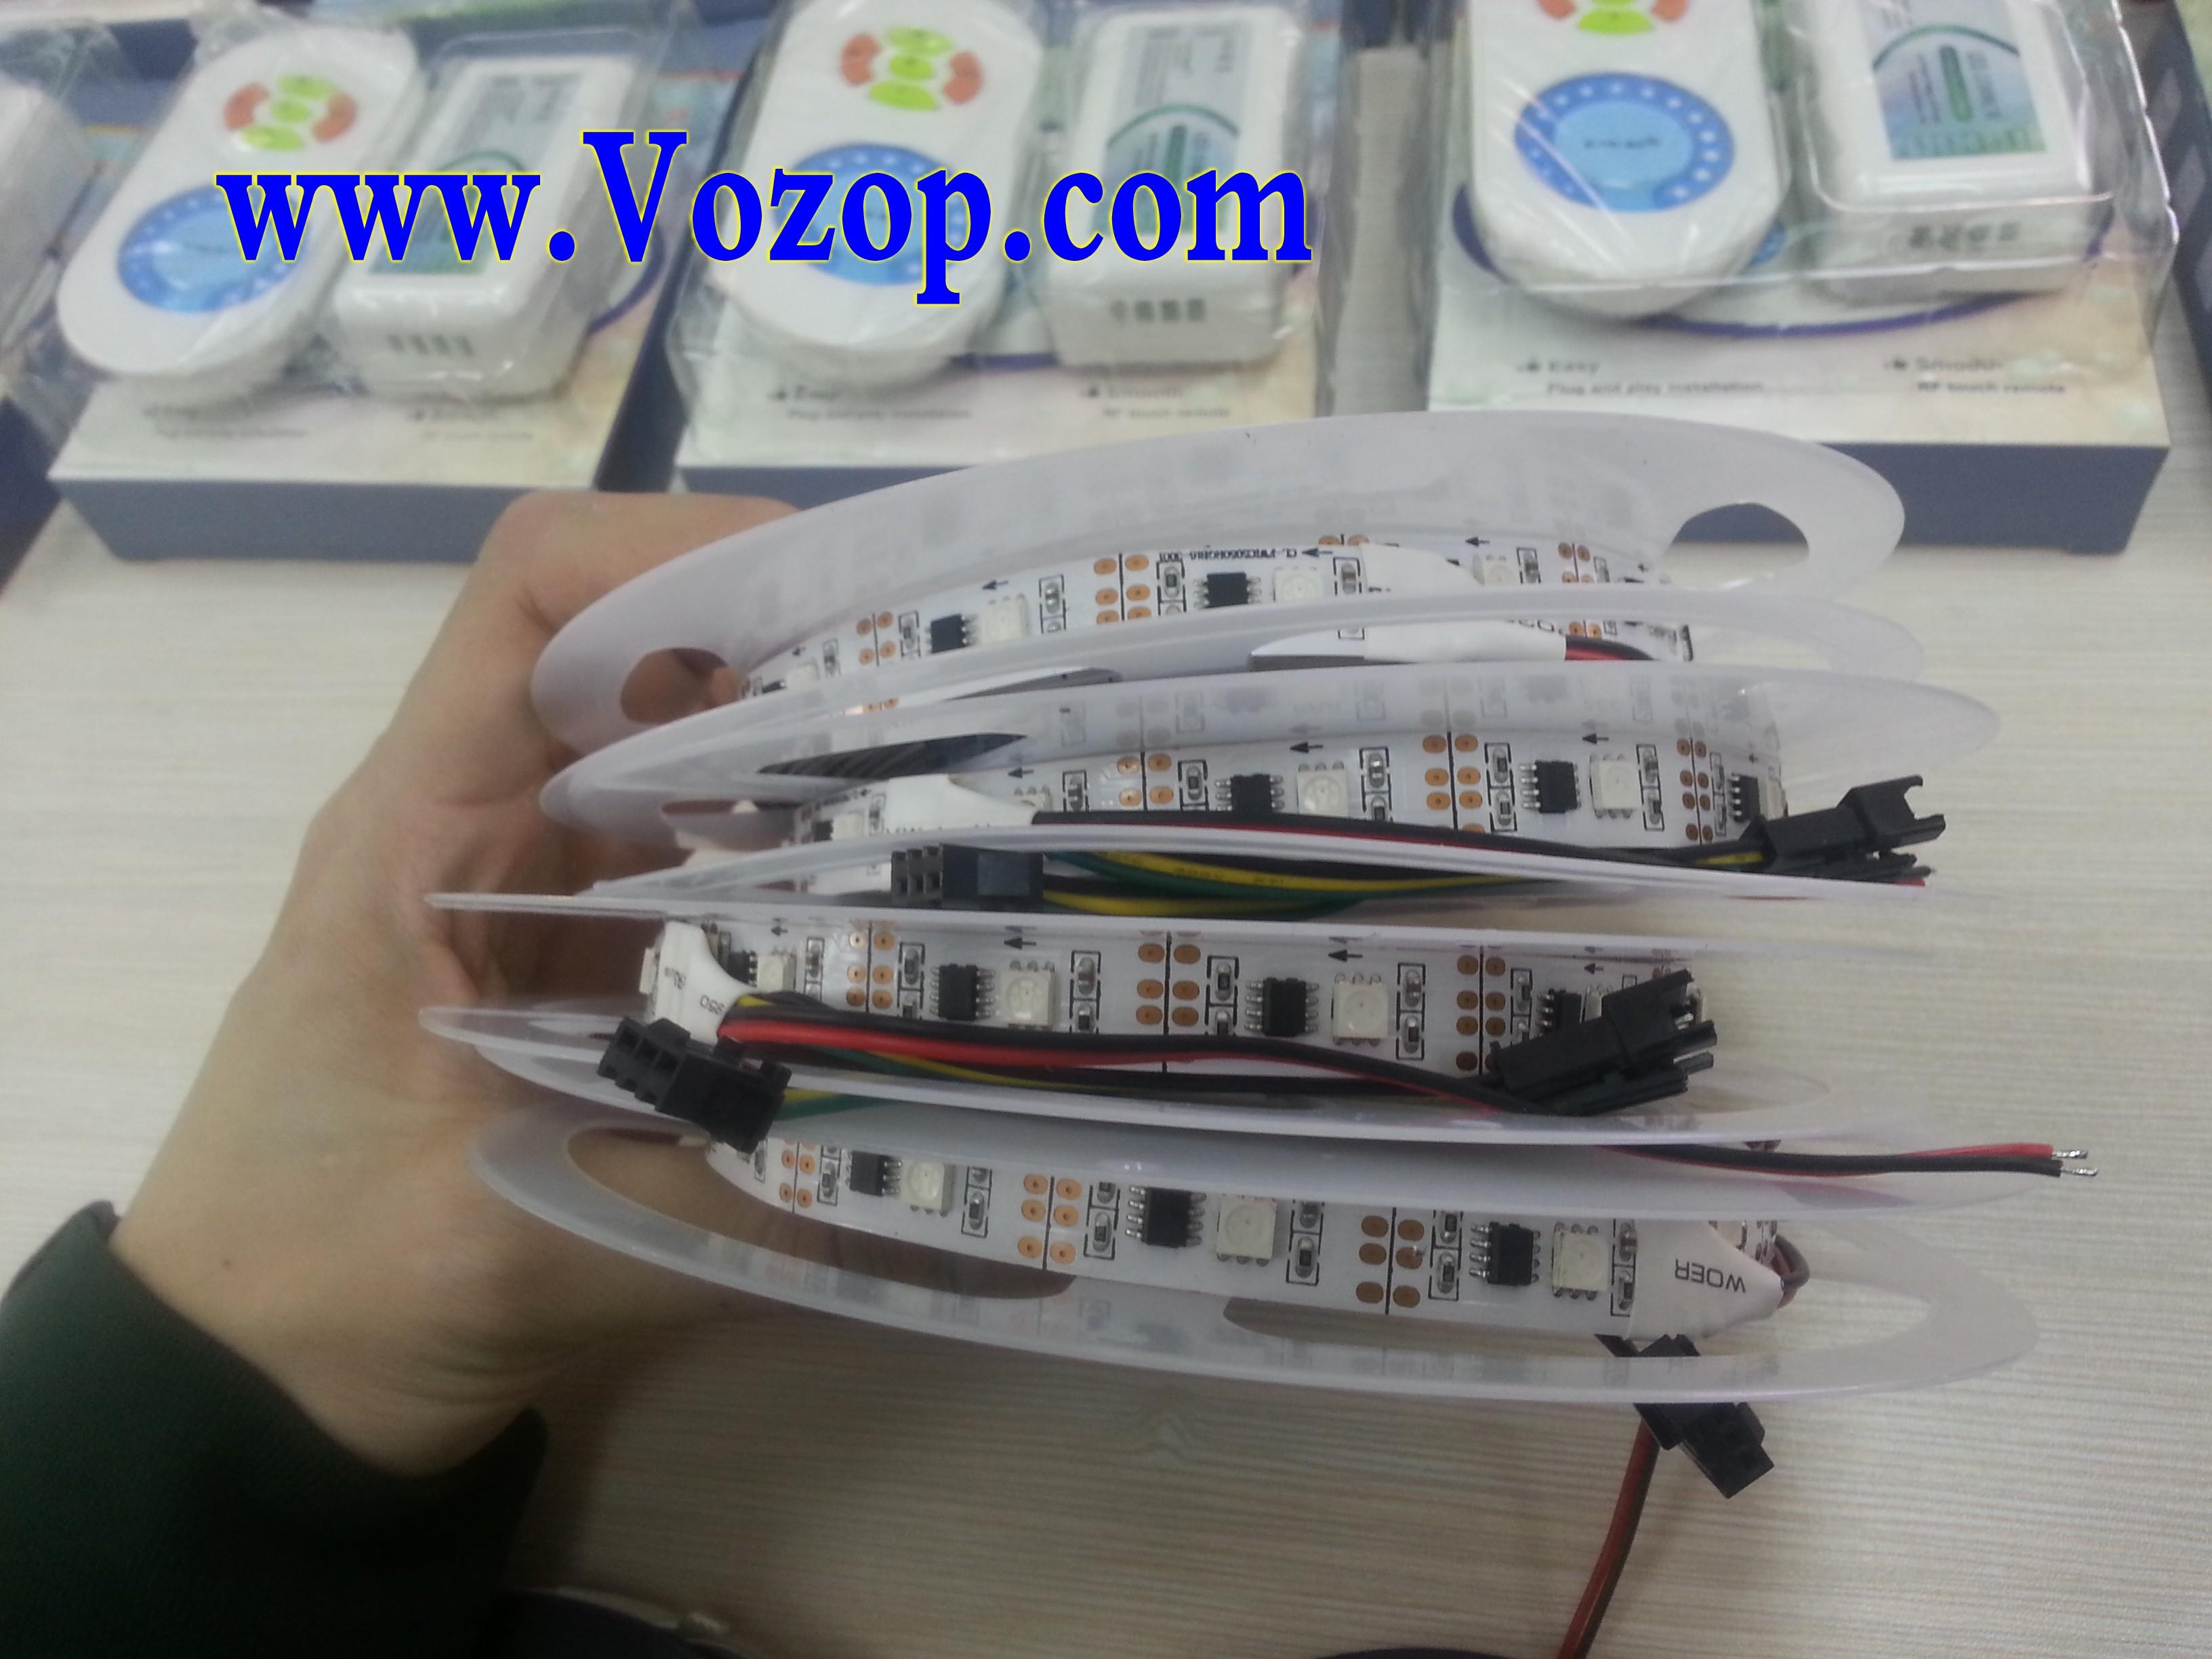 DC5V_TLS3001_Digital_Smart_LED_Strip_Light